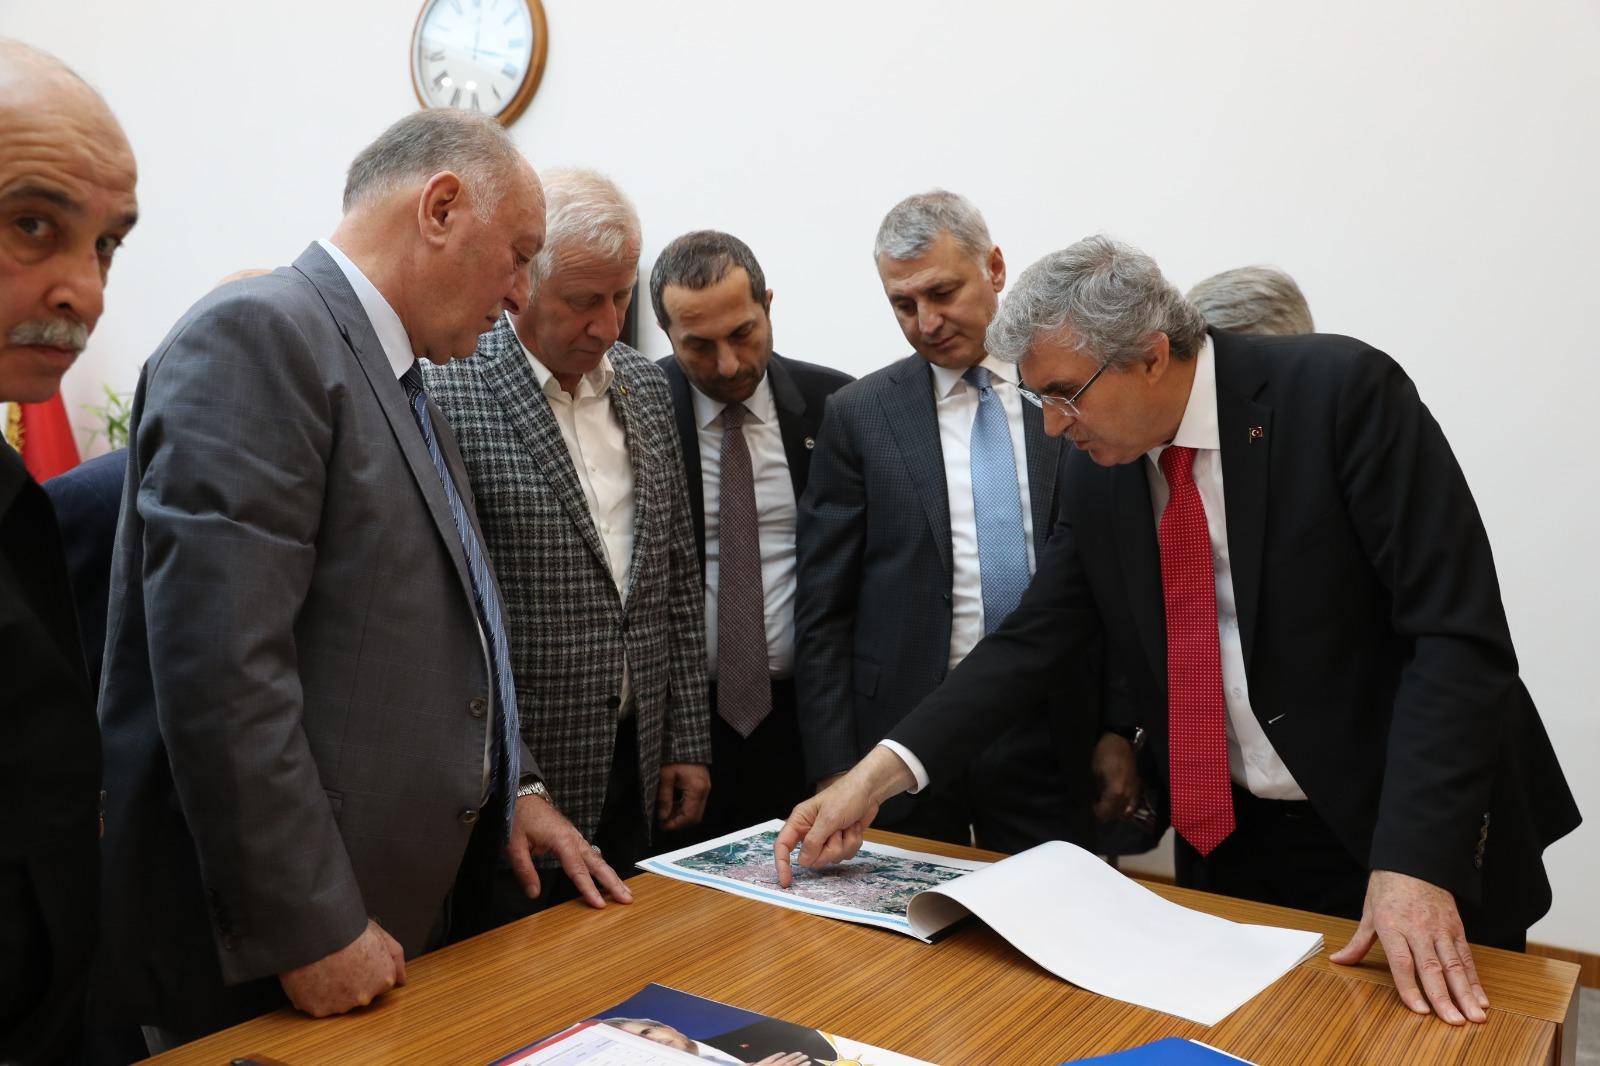 İş Dünyası'ndan Büyükşehir Belediye Başkanı Yüce'ye ziyaret